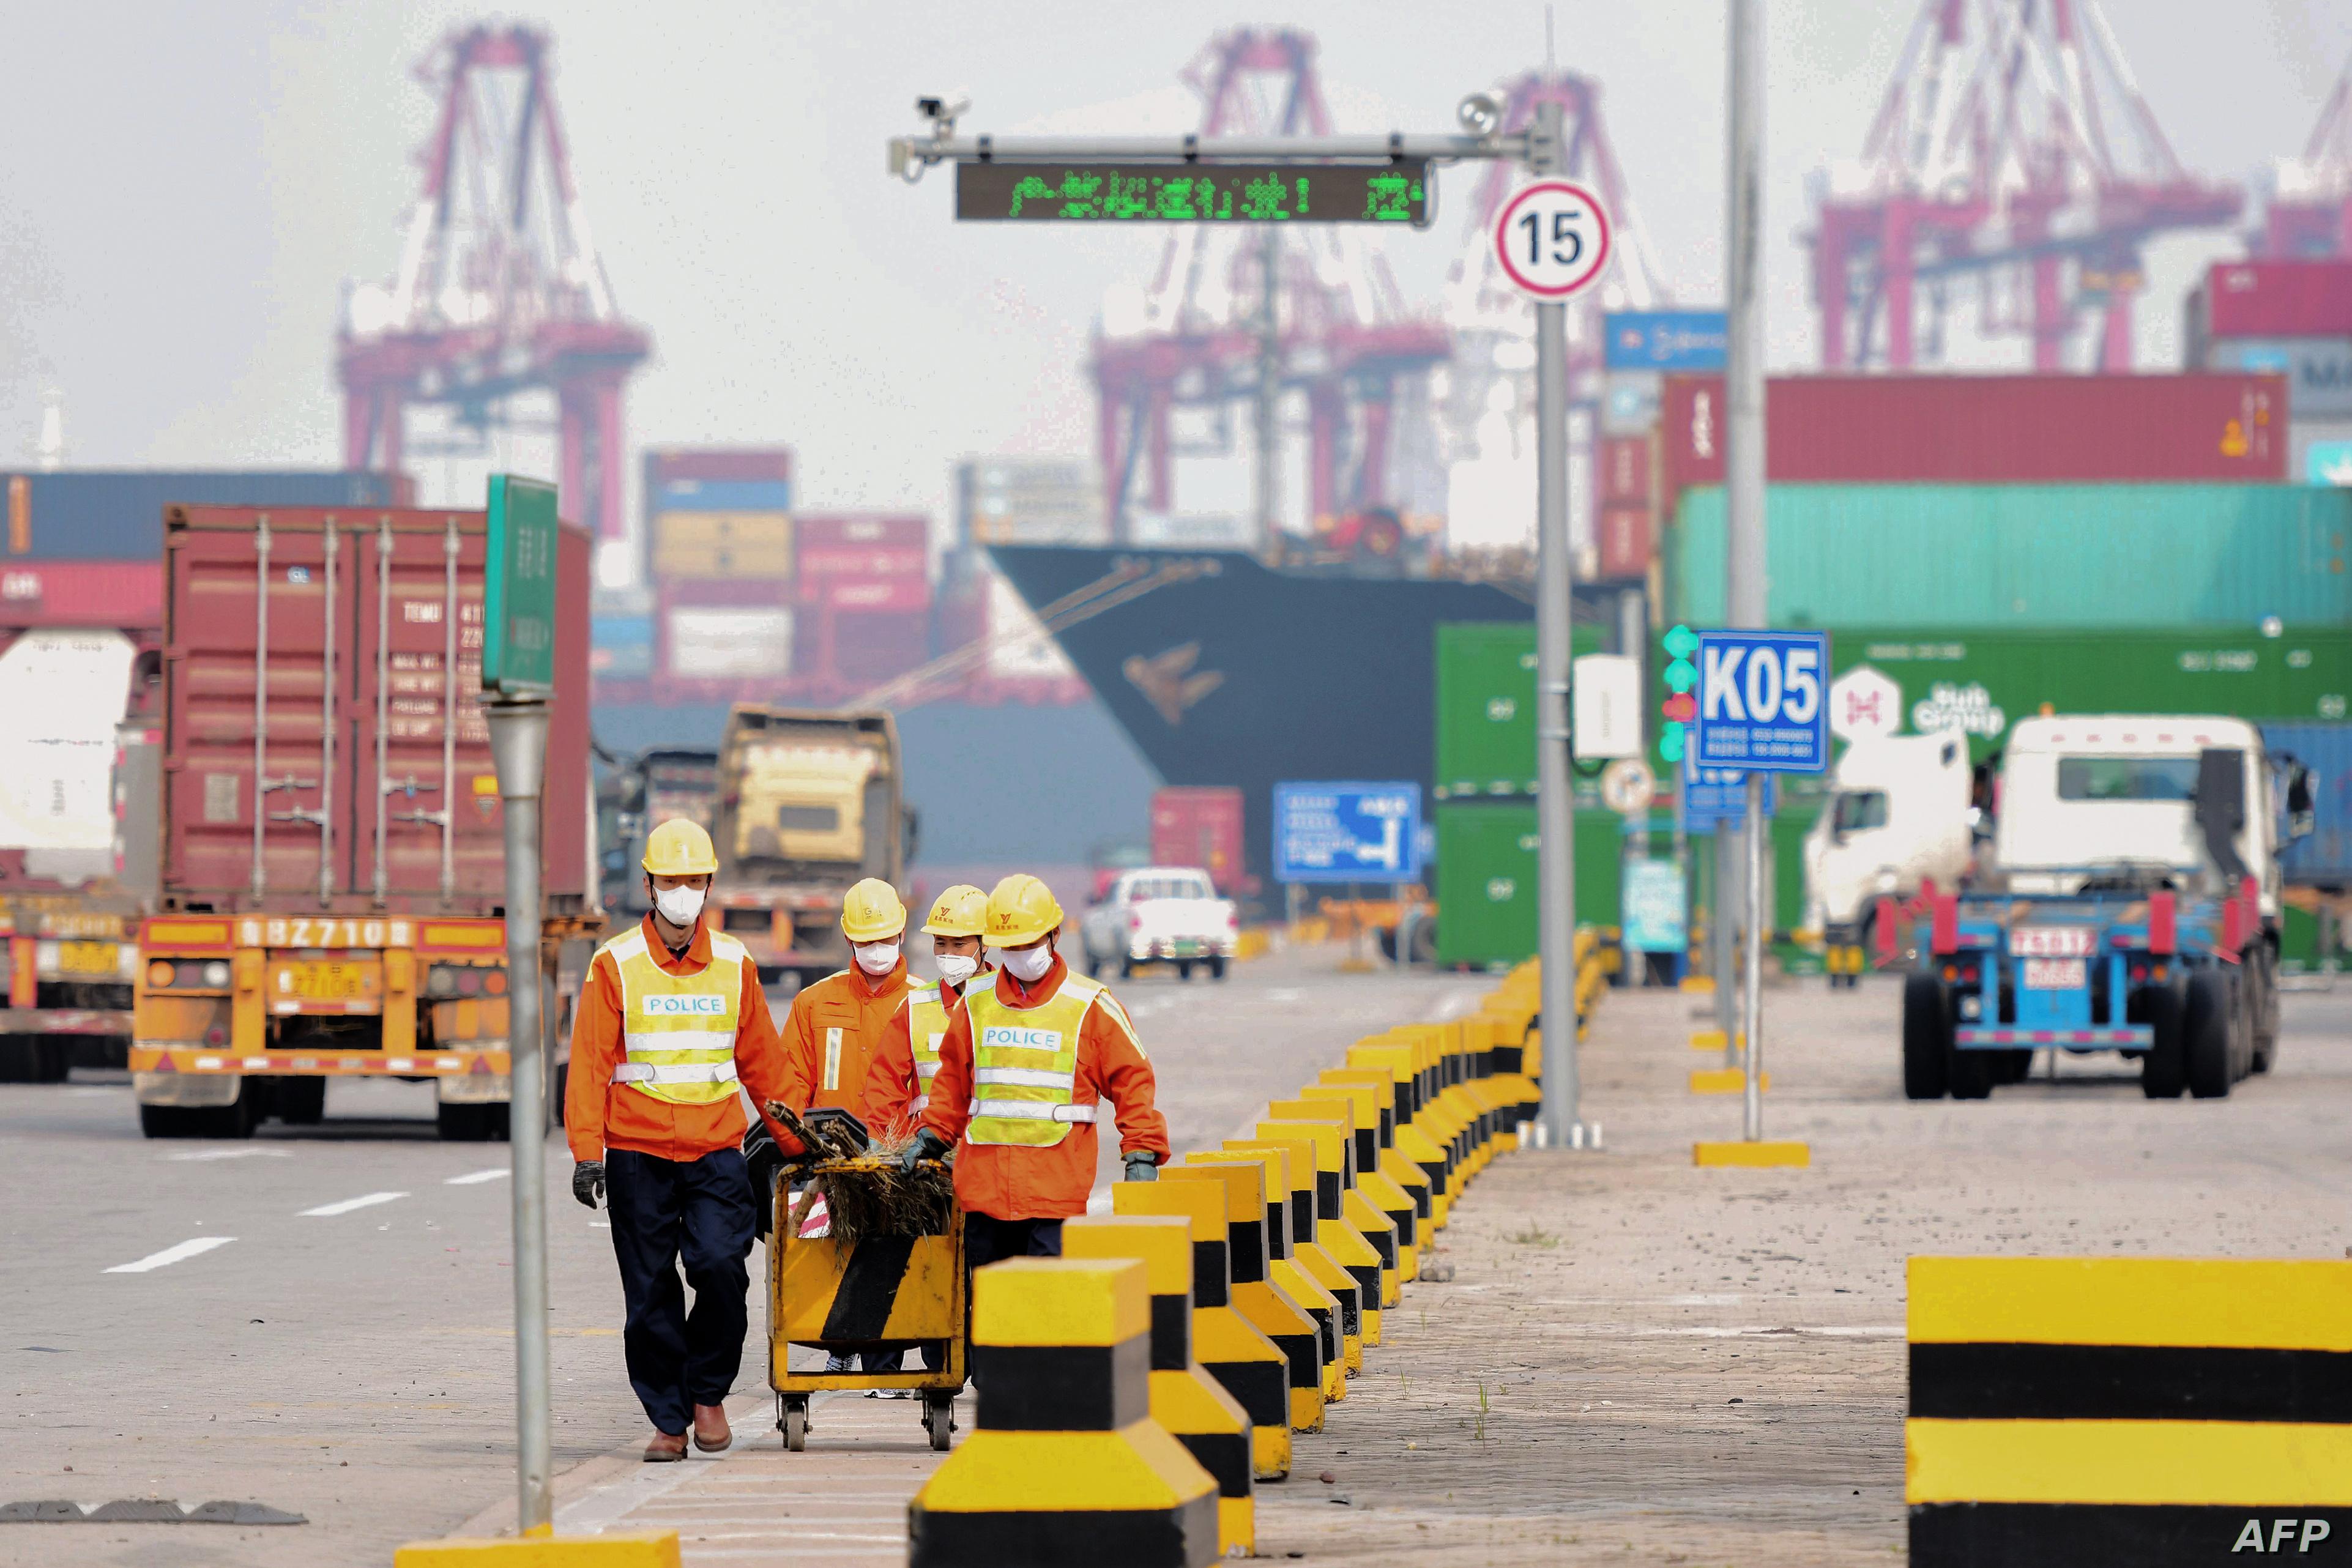 هل ستقود الصين قاطرة الاقتصادي العالمي في عصر ما بعد كورونا؟